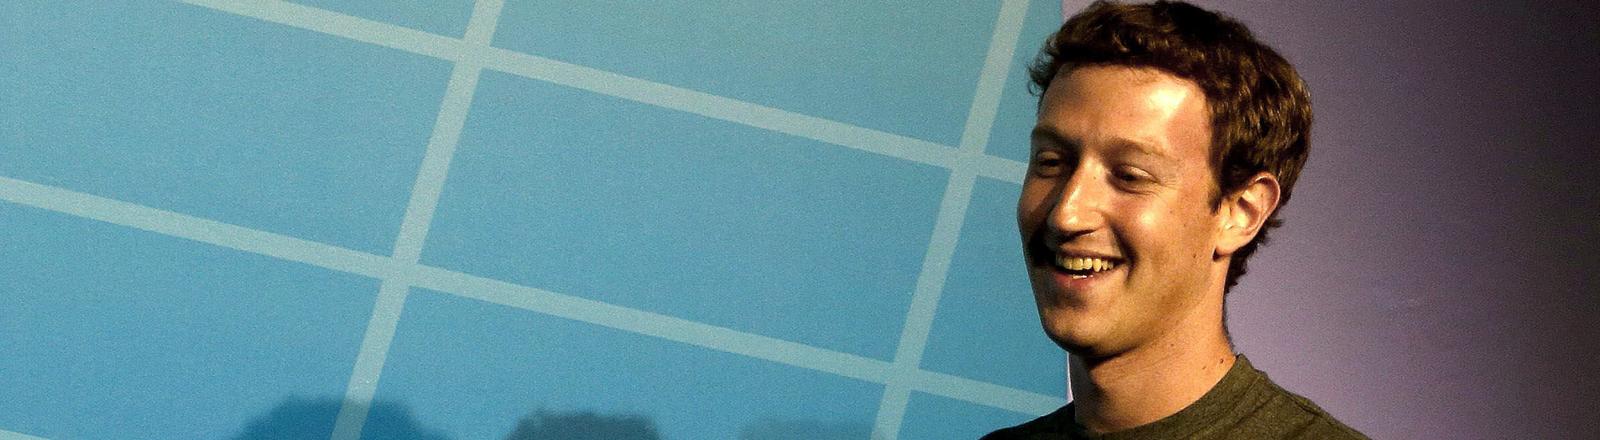 Mark Zuckerberg auf dem Mobile World Congress in Barcelona